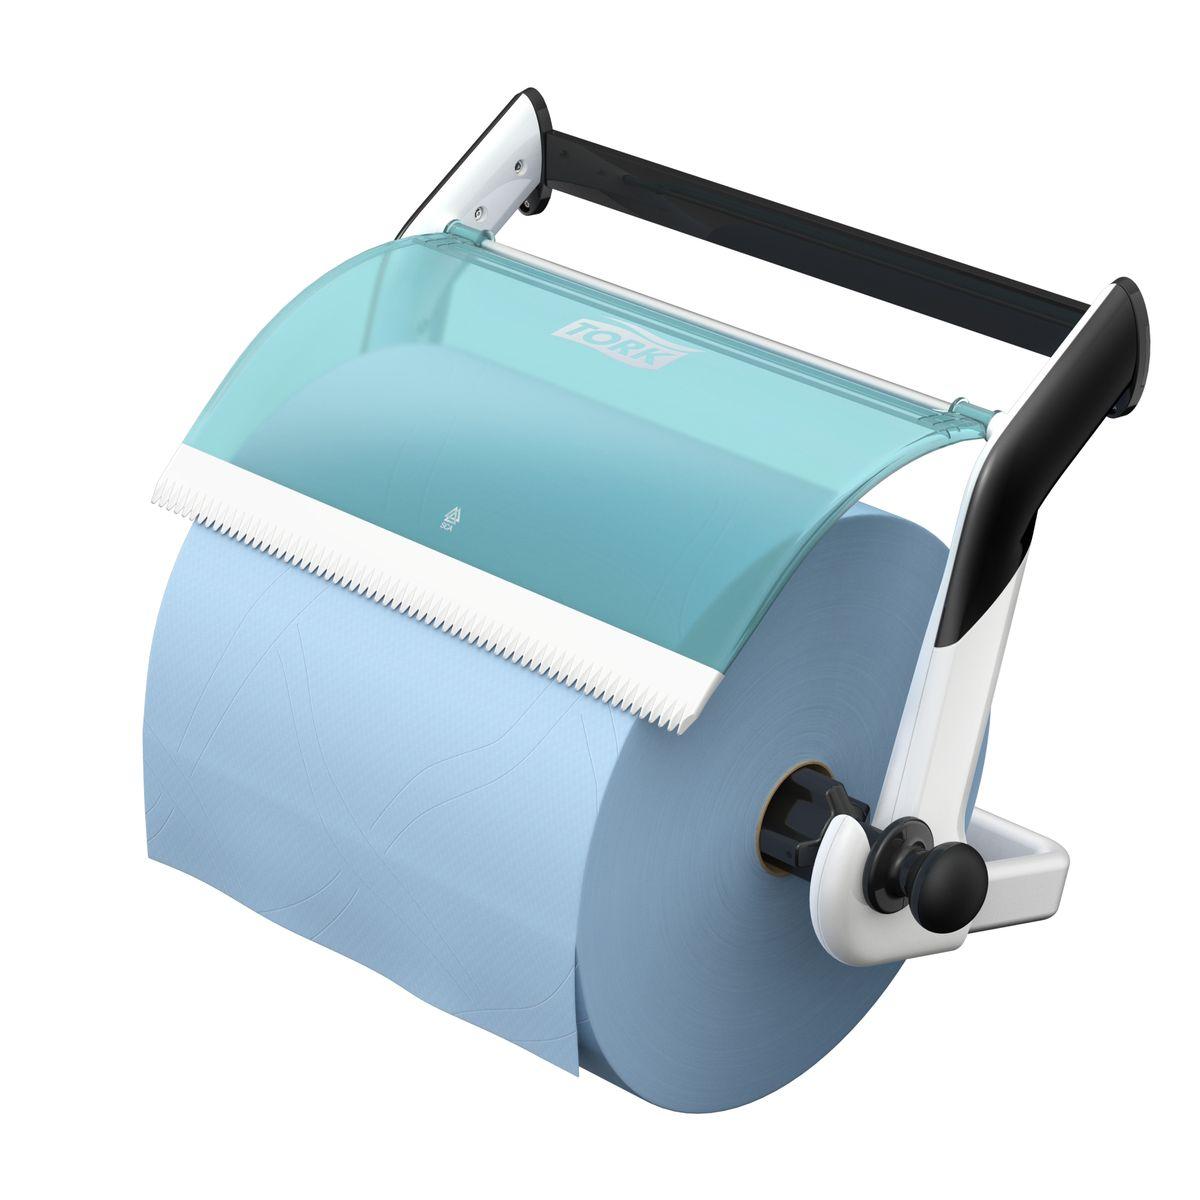 Диспенсер для туалетной бумаги Tork, цвет: белый . 652100PARADIS I 75013-1W ANTIQUEДержатель для протирочных материалов Tork.Настенный держатель обладает прочной конструкцией и позволит сэкономить место.Быстро и легко менять расходный материал.